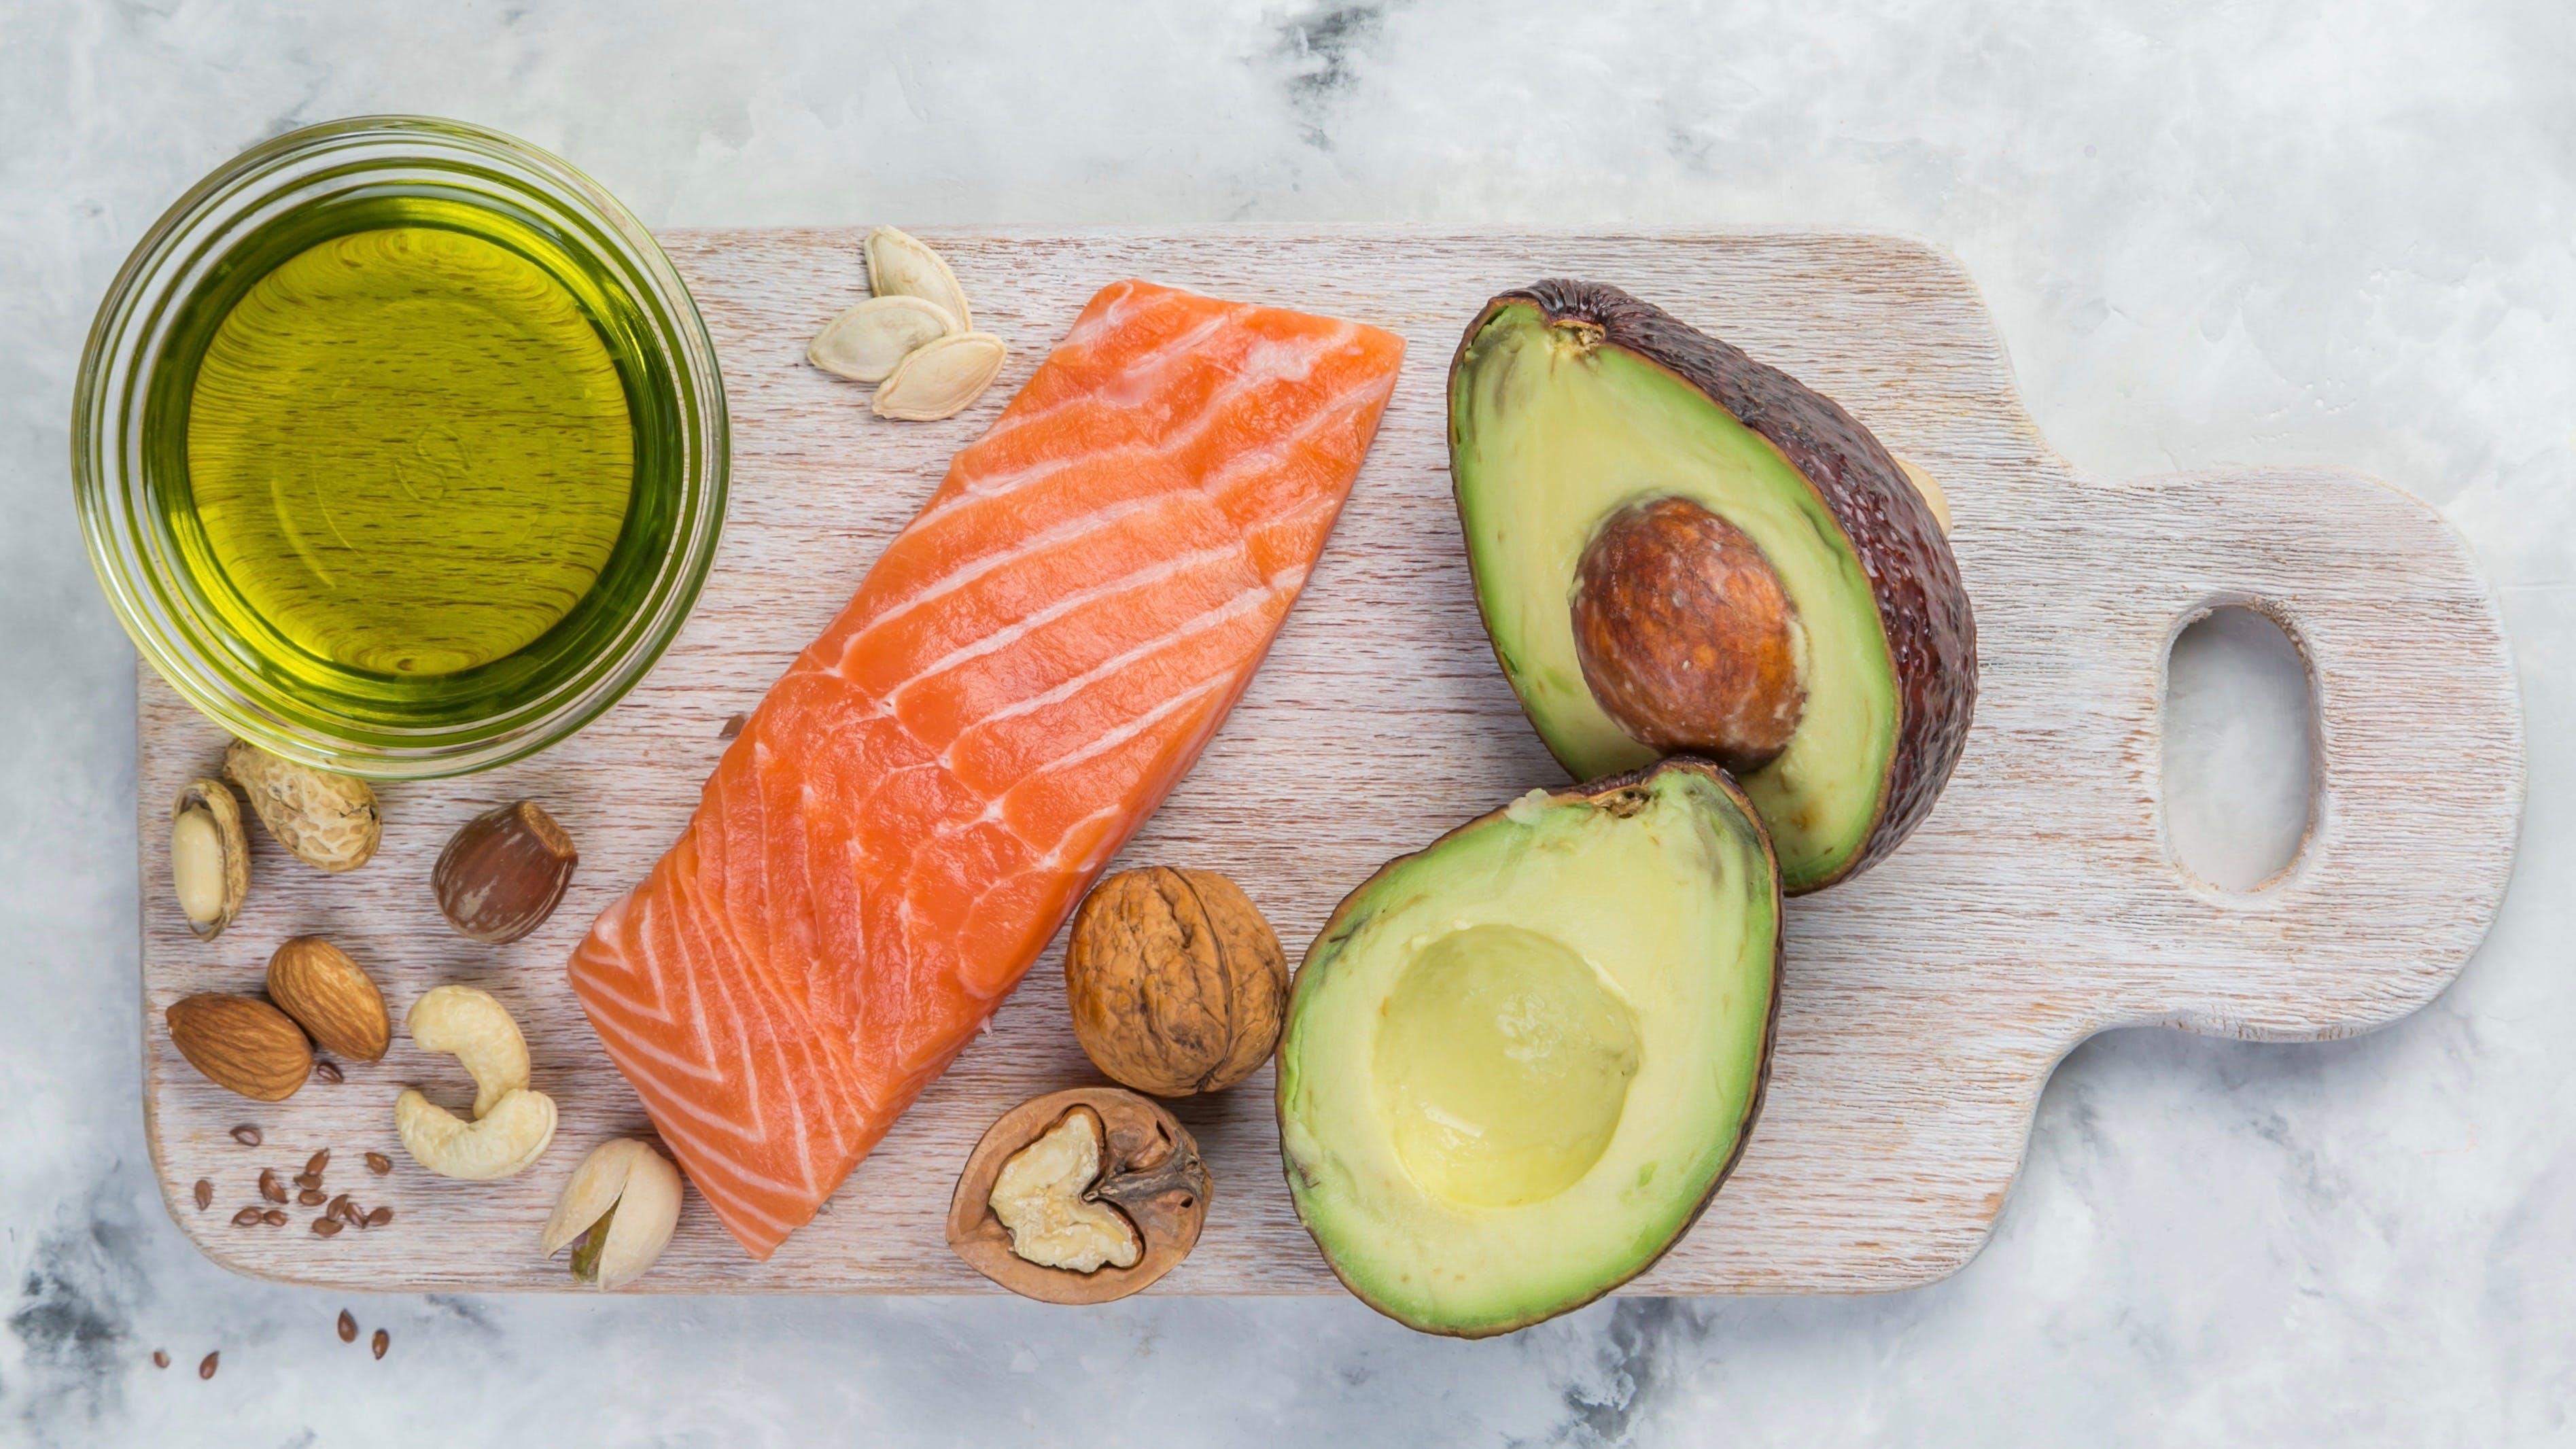 Oferta y demanda: Por qué los alimentos grasos se están encareciendo